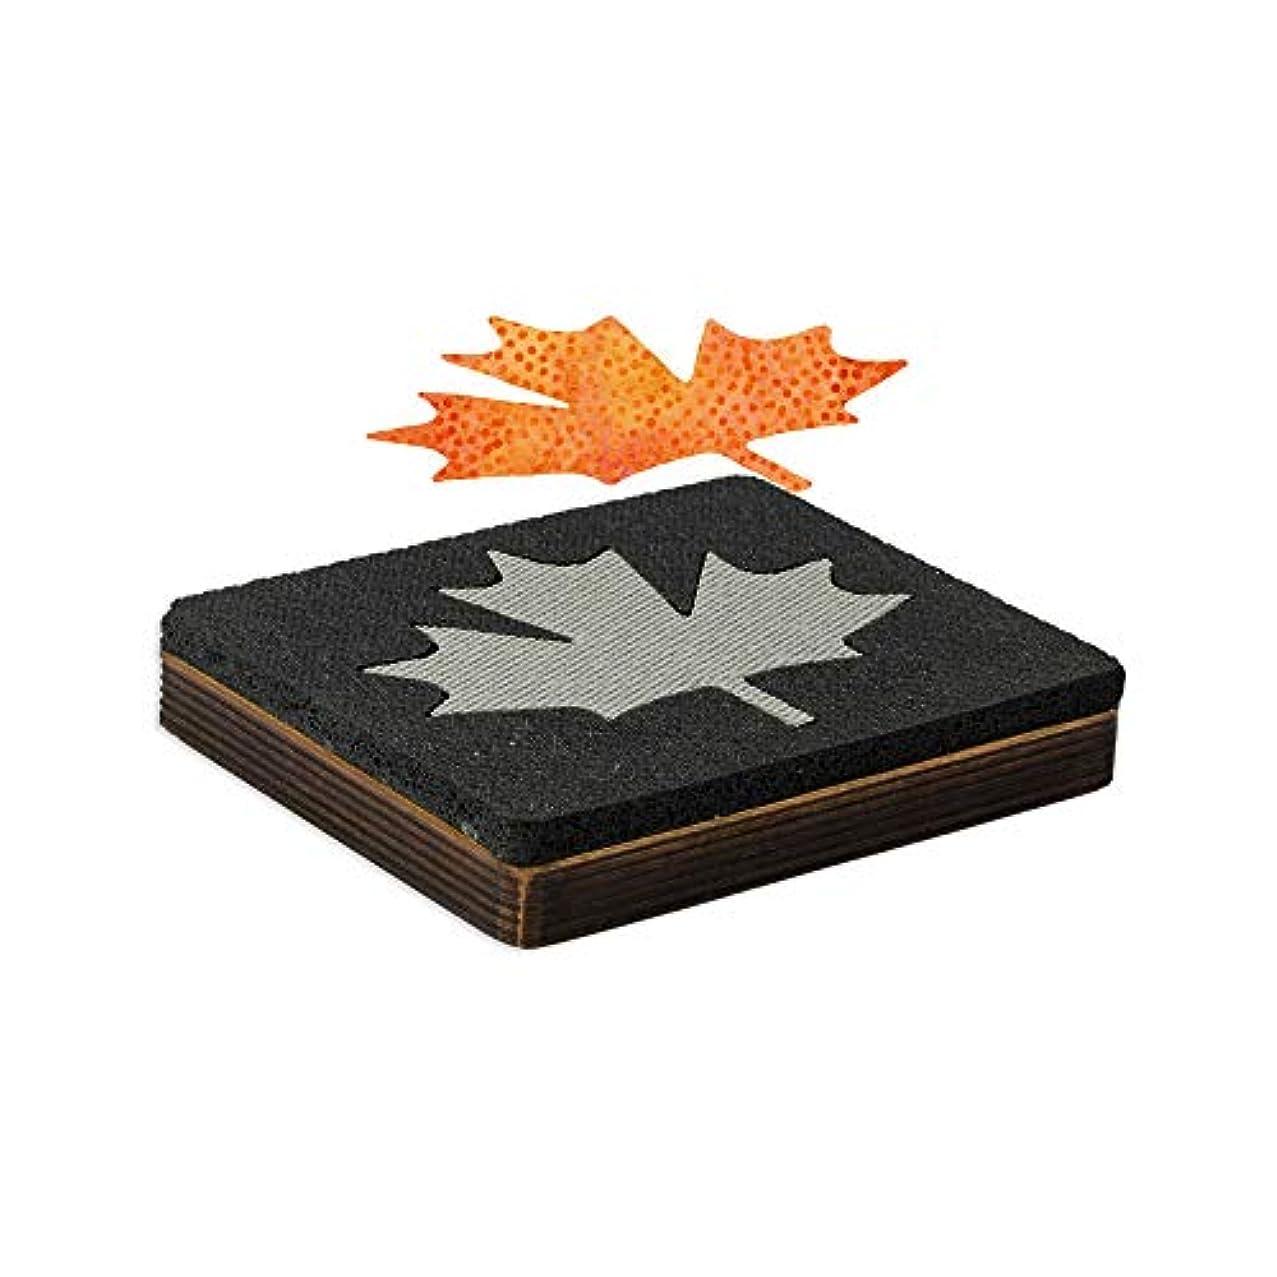 AccuQuilt Studio Fabric Cutting Dies; Leaf-Maple #1